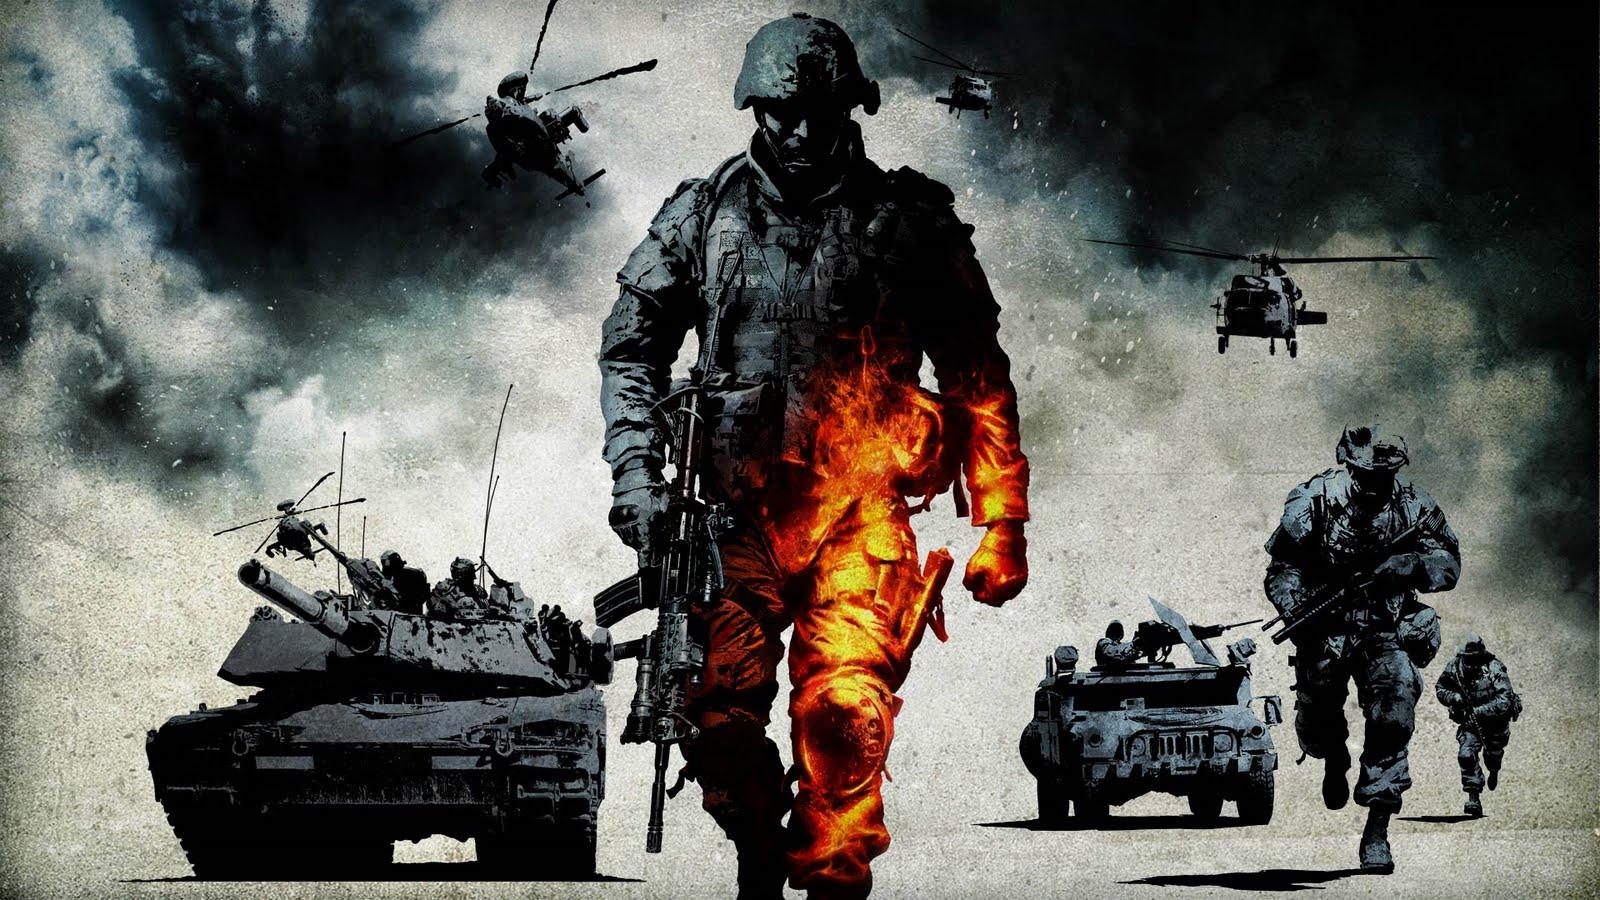 http://2.bp.blogspot.com/-0Y2eoa8E3f4/Tff_RJmaTQI/AAAAAAAAAIo/dEBJviCxAXA/s1600/Battlefield+Bad+Company+2+HD+wallpaper2.jpg